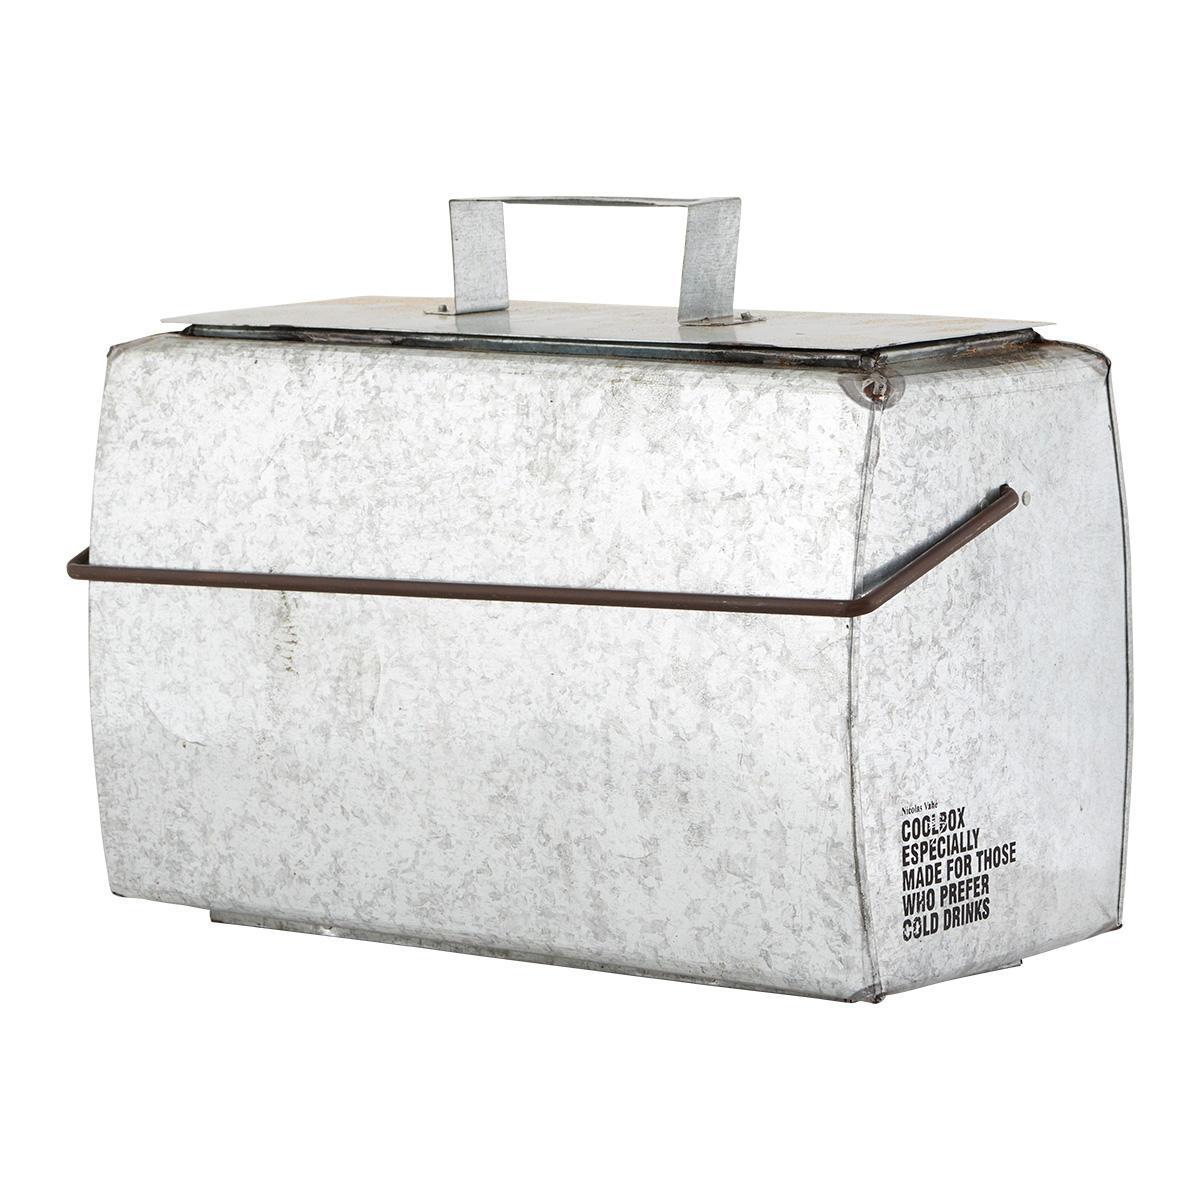 Nicolas Vahé Železný chladící box Nicolas Vahé, šedá barva, stříbrná barva, kov